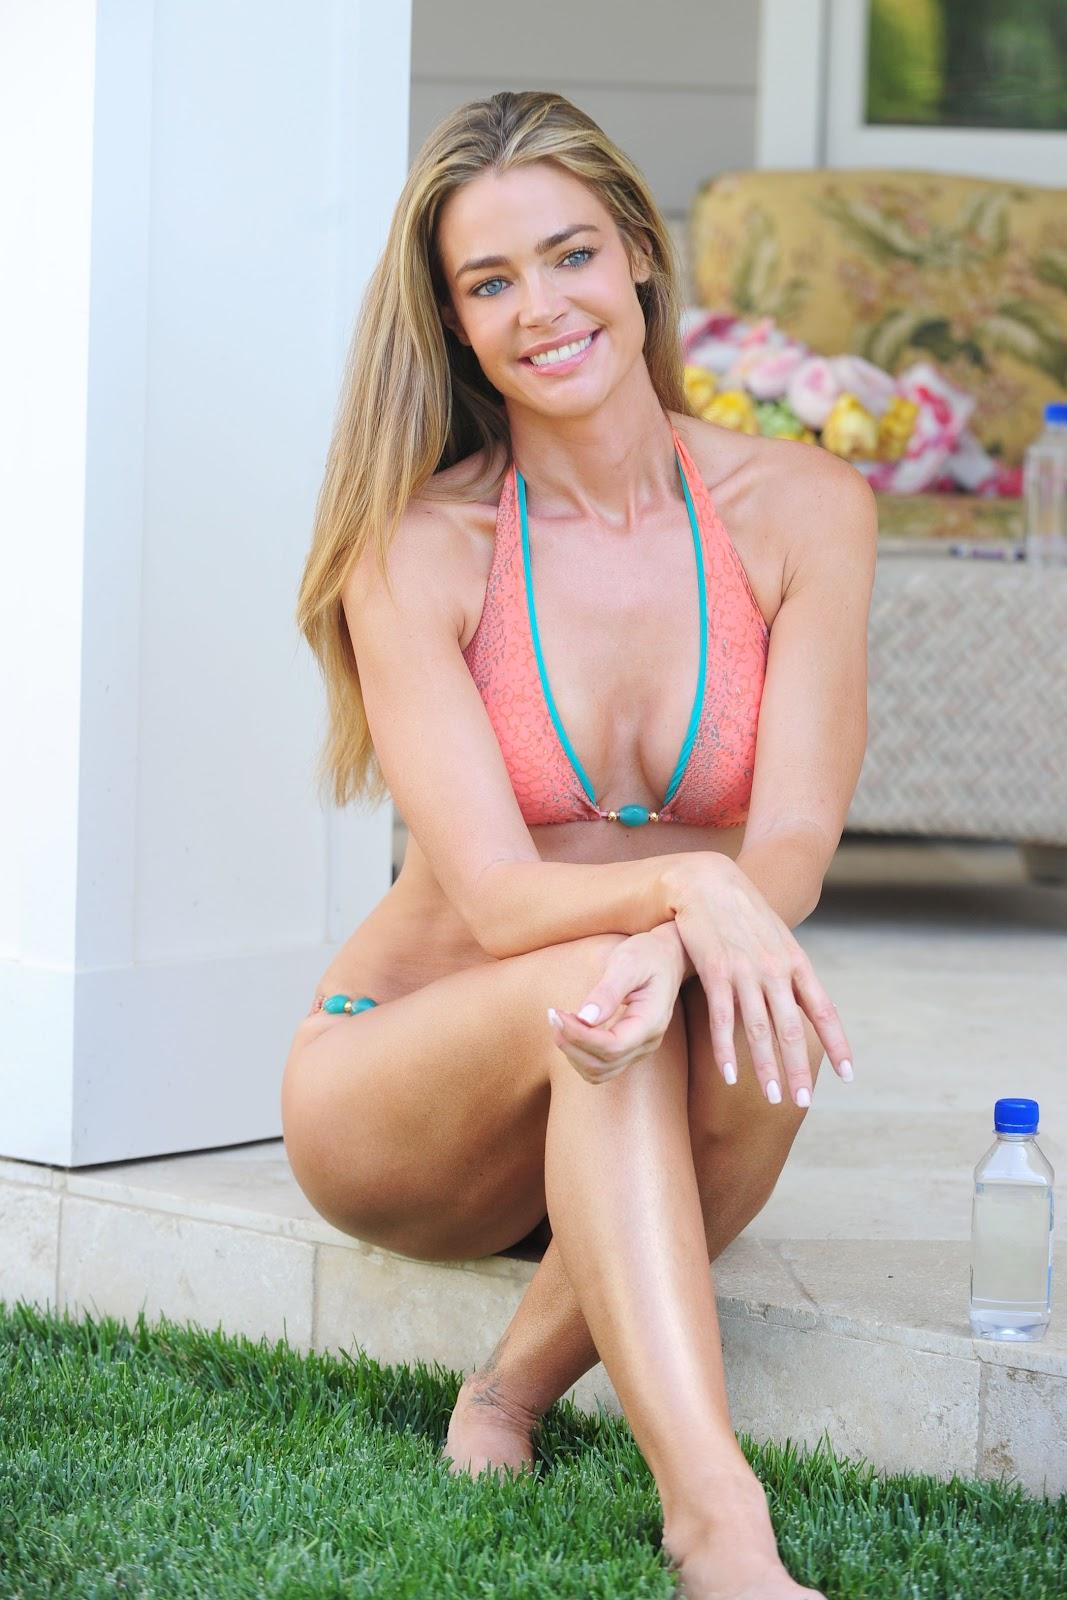 Hot pic: Melita Toniolo bikini candids